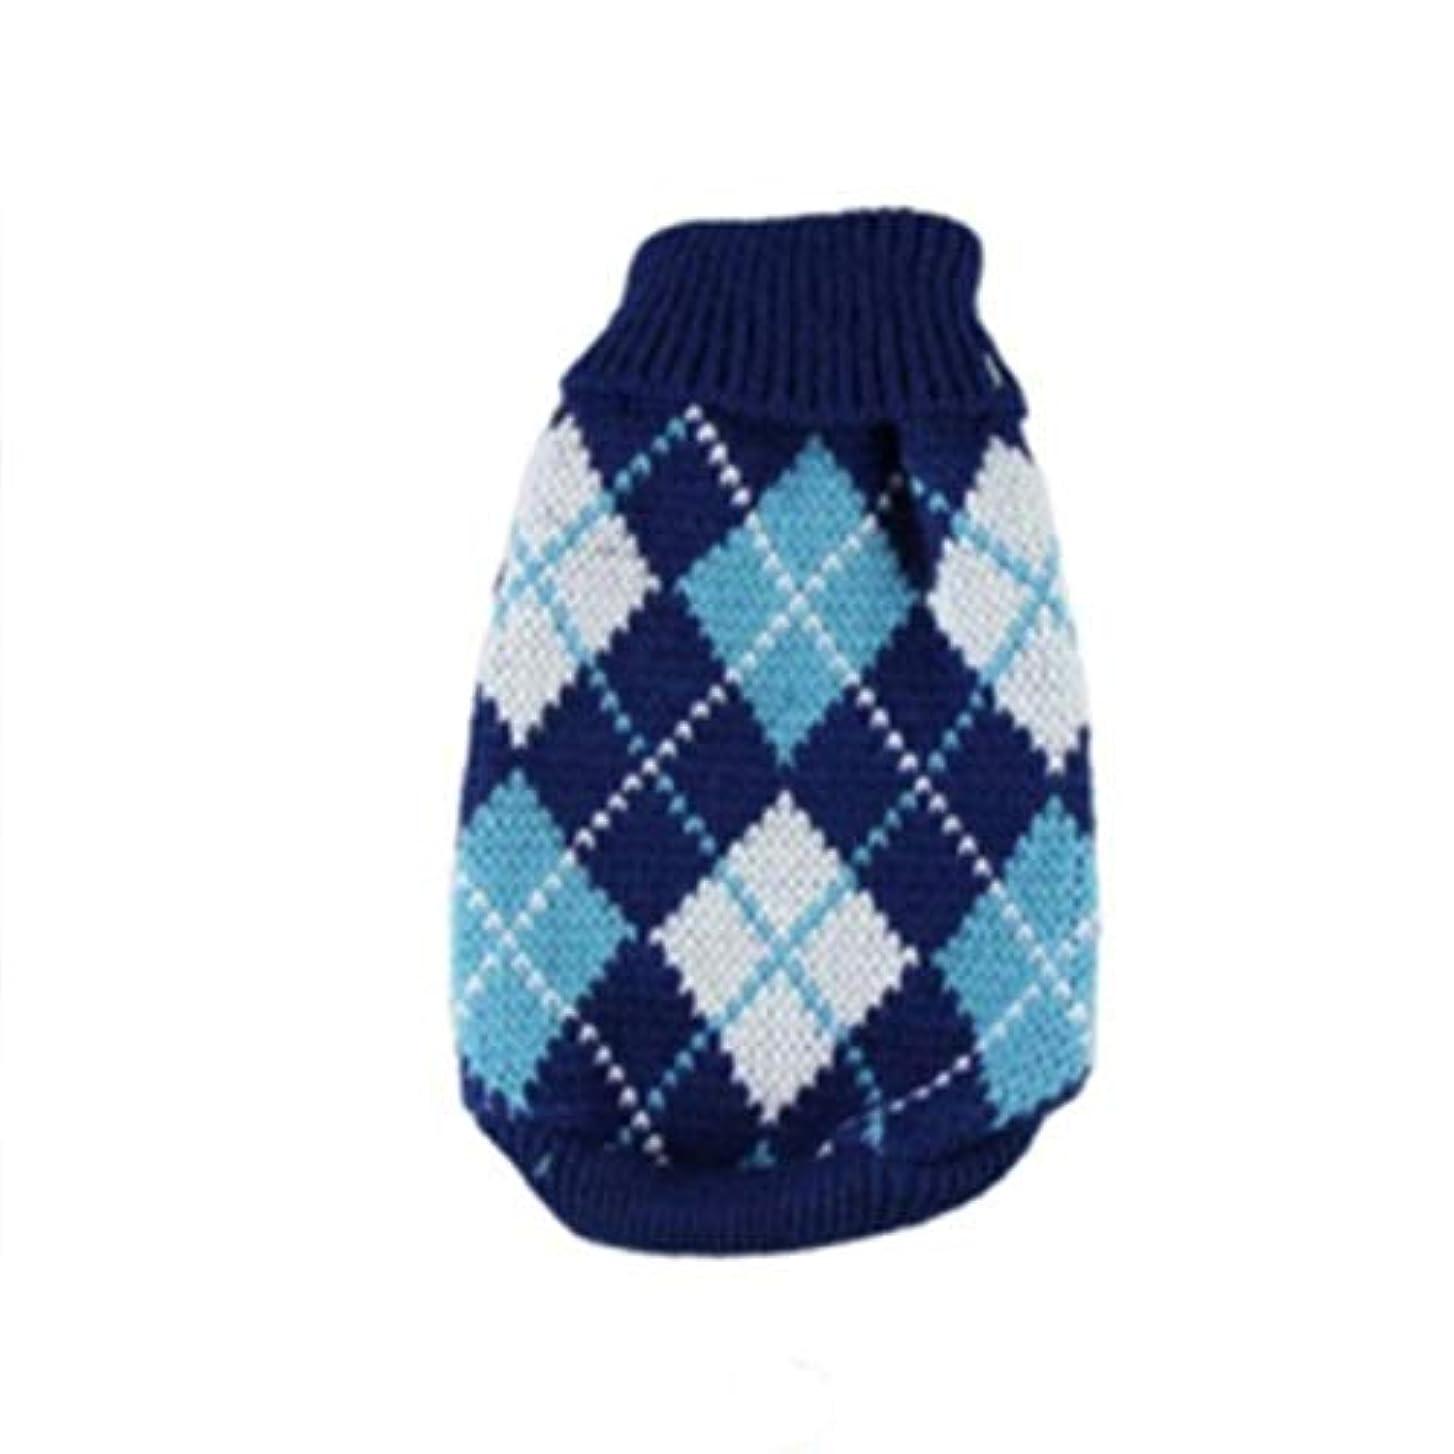 通常布電卓Saikogoods 軽量ペットの暖かいセーターユニバーサル犬服ファッションソフト犬服ハイカラー快適なペットのコート 青 XS